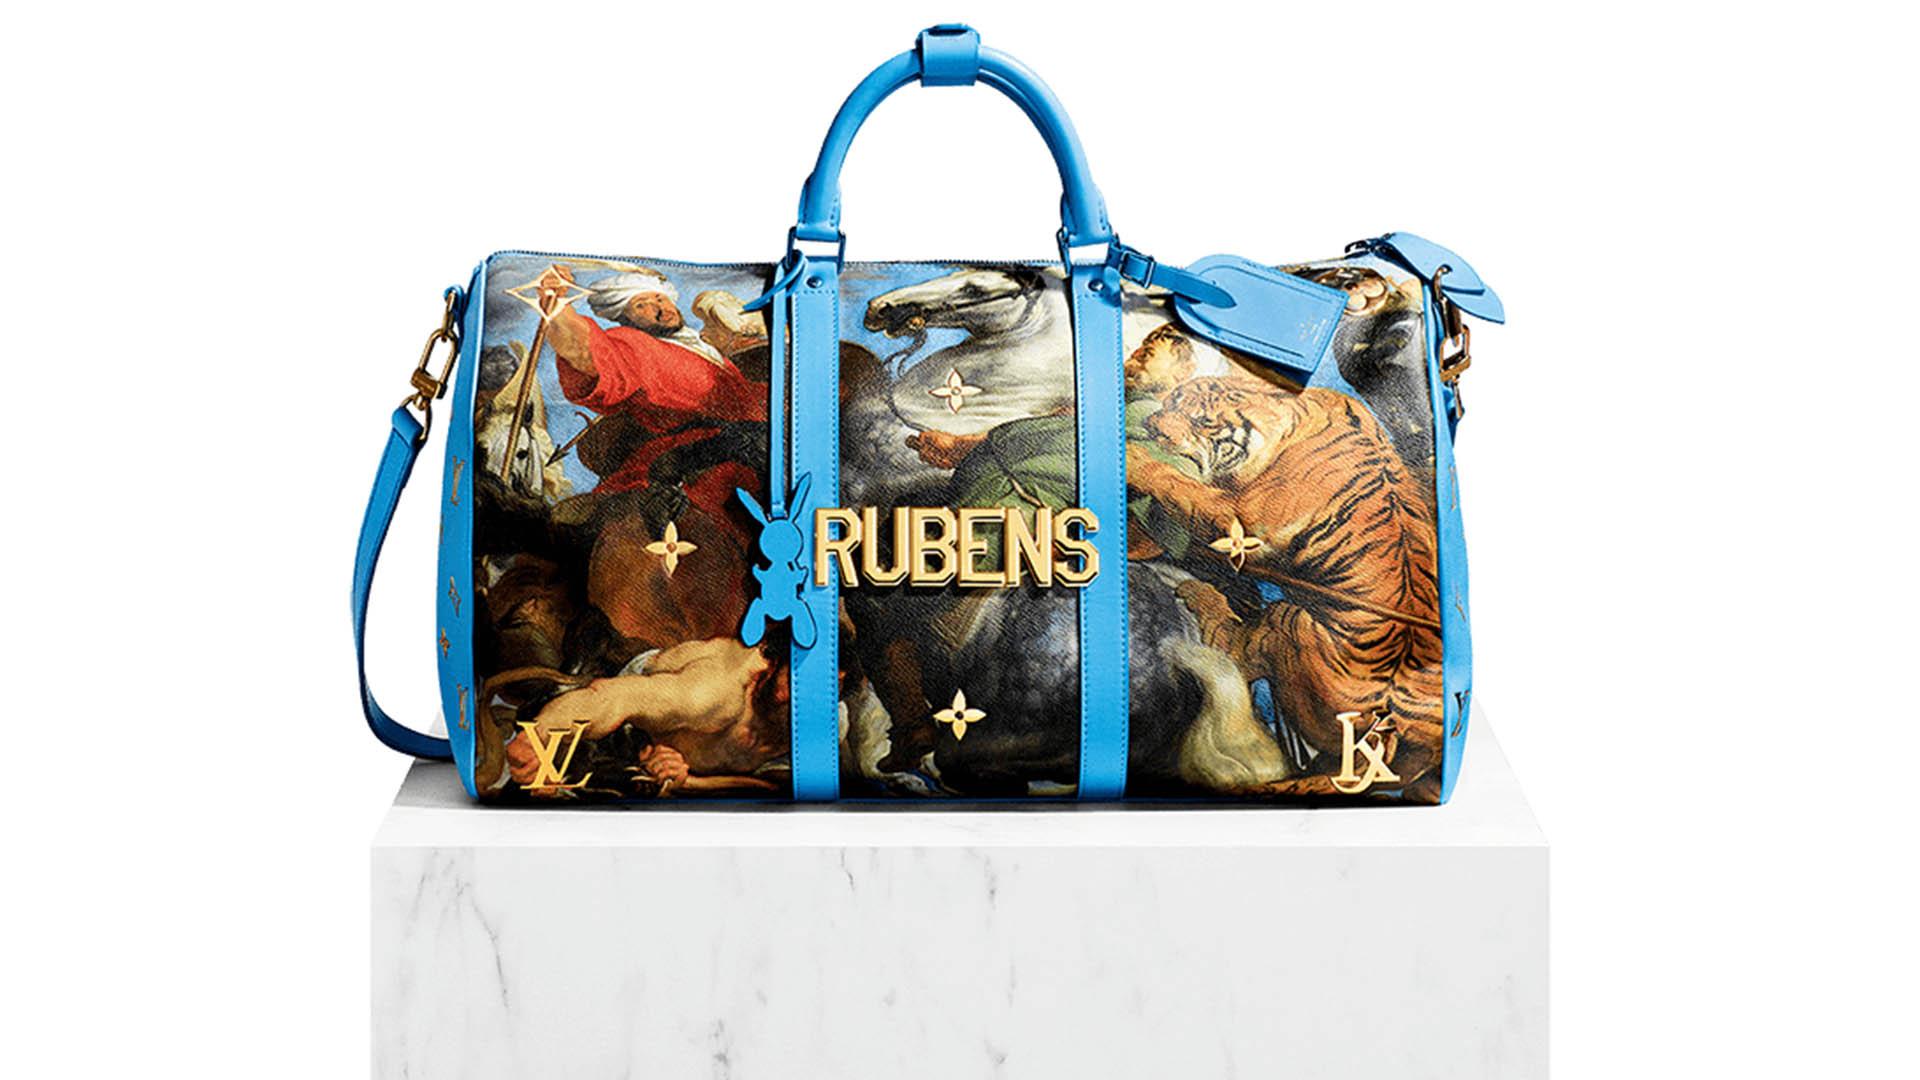 """En el 2017, Louis Vuitton y el arista Jeff Koons idearon la colección """"Masters"""", inspirada en los grandes pintores. Uno de ellos fue Rubens. En esta imagen, el modelo de bolso de viaje """"Keepall"""" con identificador de bolso y detalle de broche incluido"""